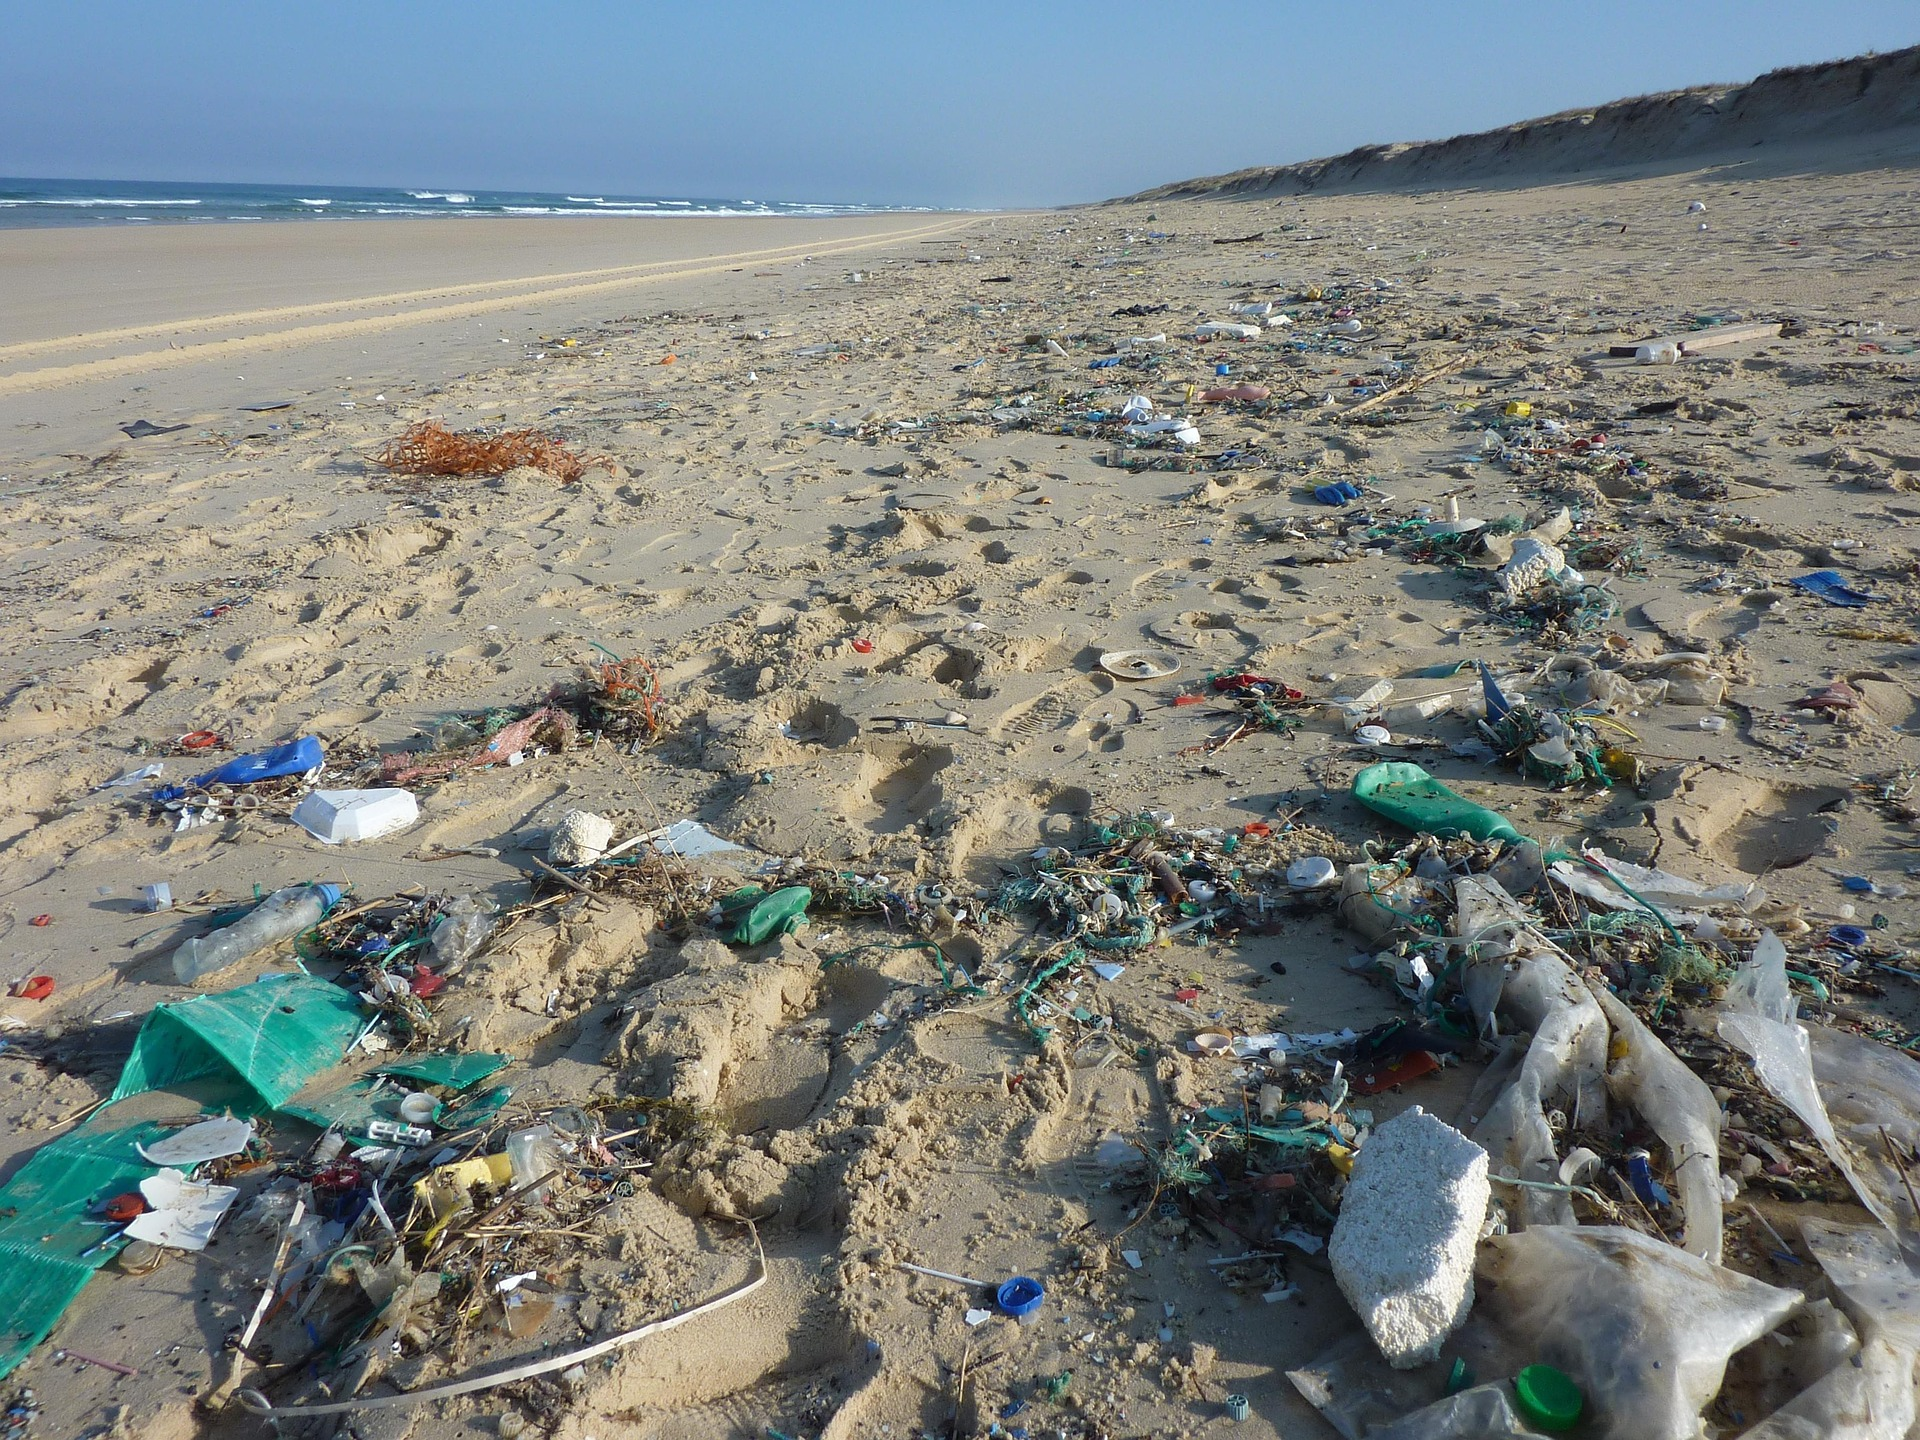 Dovremo aspettare ancora un po' per avere spiagge senza plastica in Italia - VICE